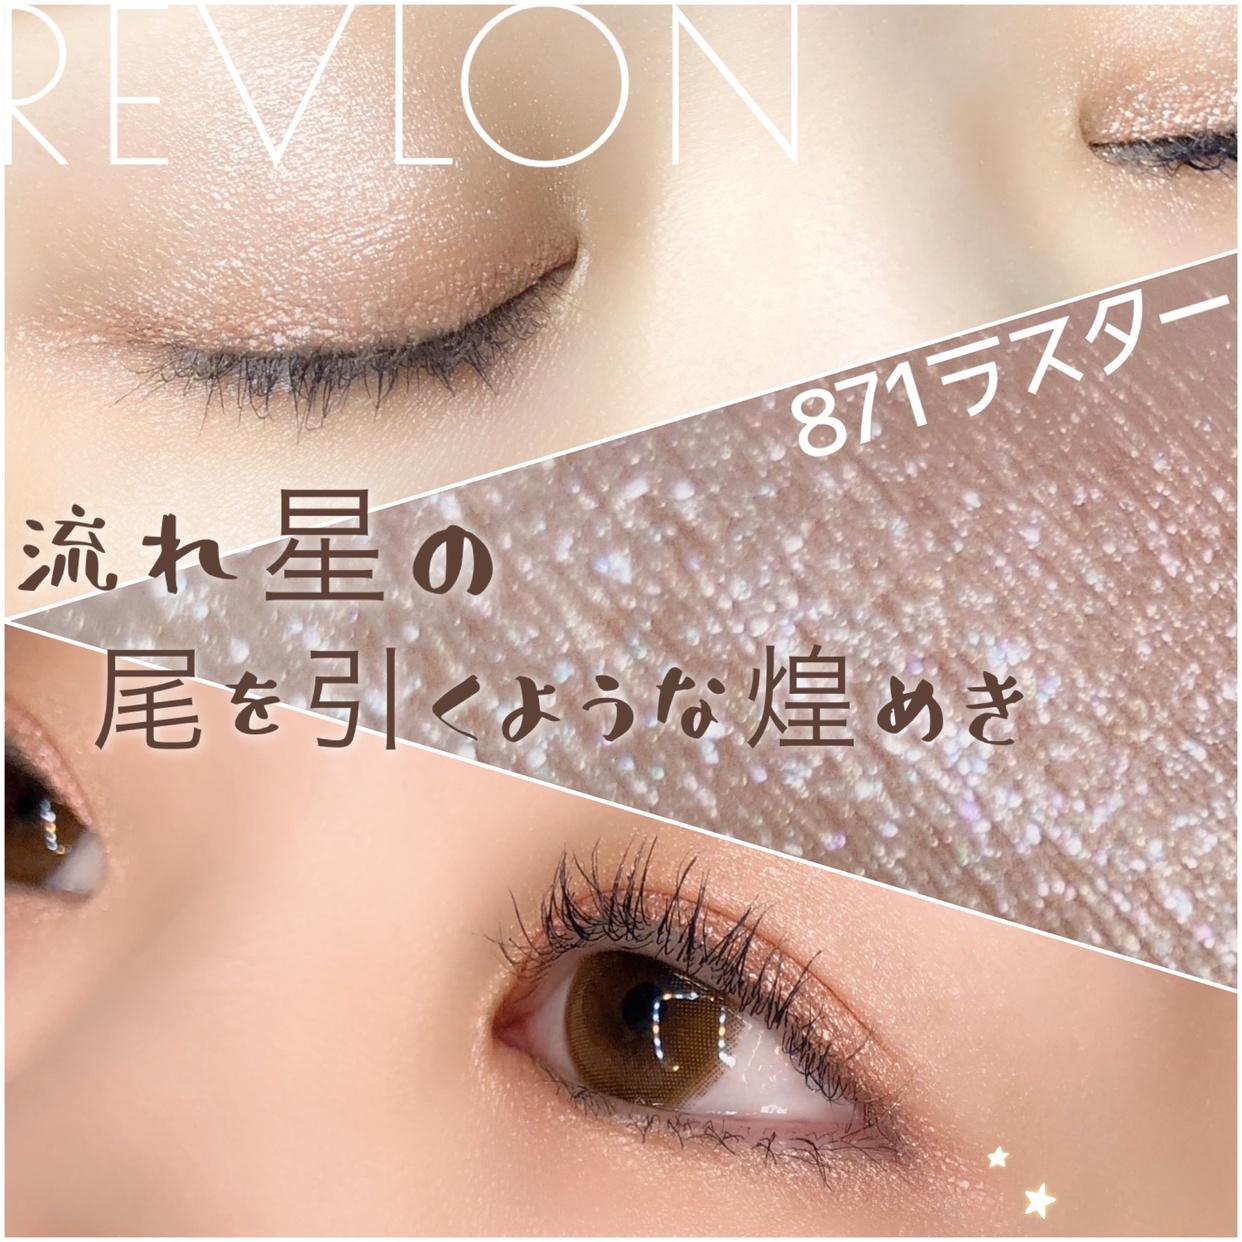 REVLON(レブロン) カラー ステイ グレイズ スティックを使ったsatomiさんのクチコミ画像1